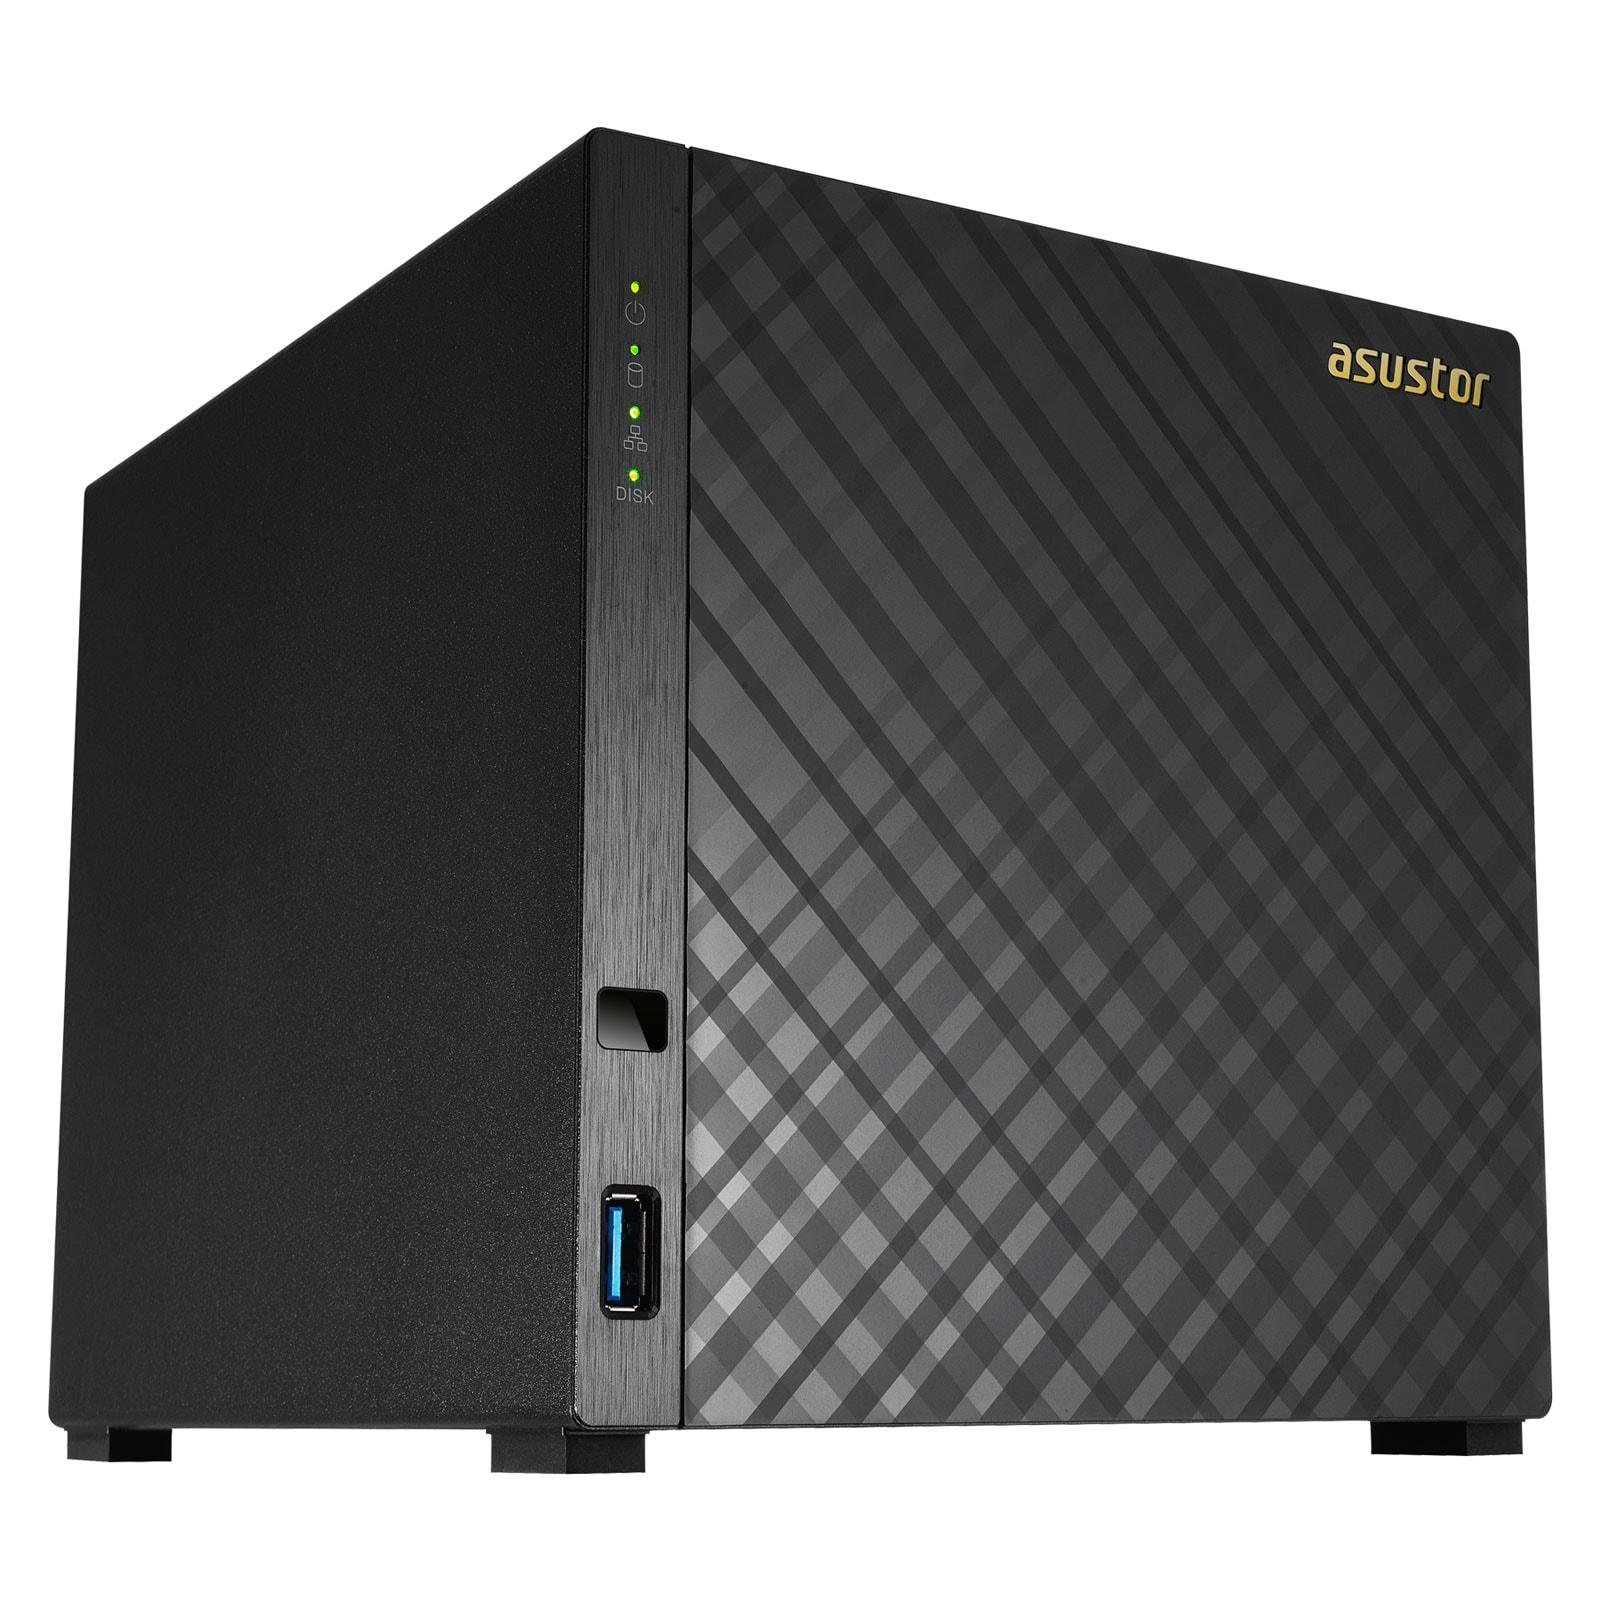 Asustor AS3204T - 4 HDD - Serveur NAS Asustor - Cybertek.fr - 4